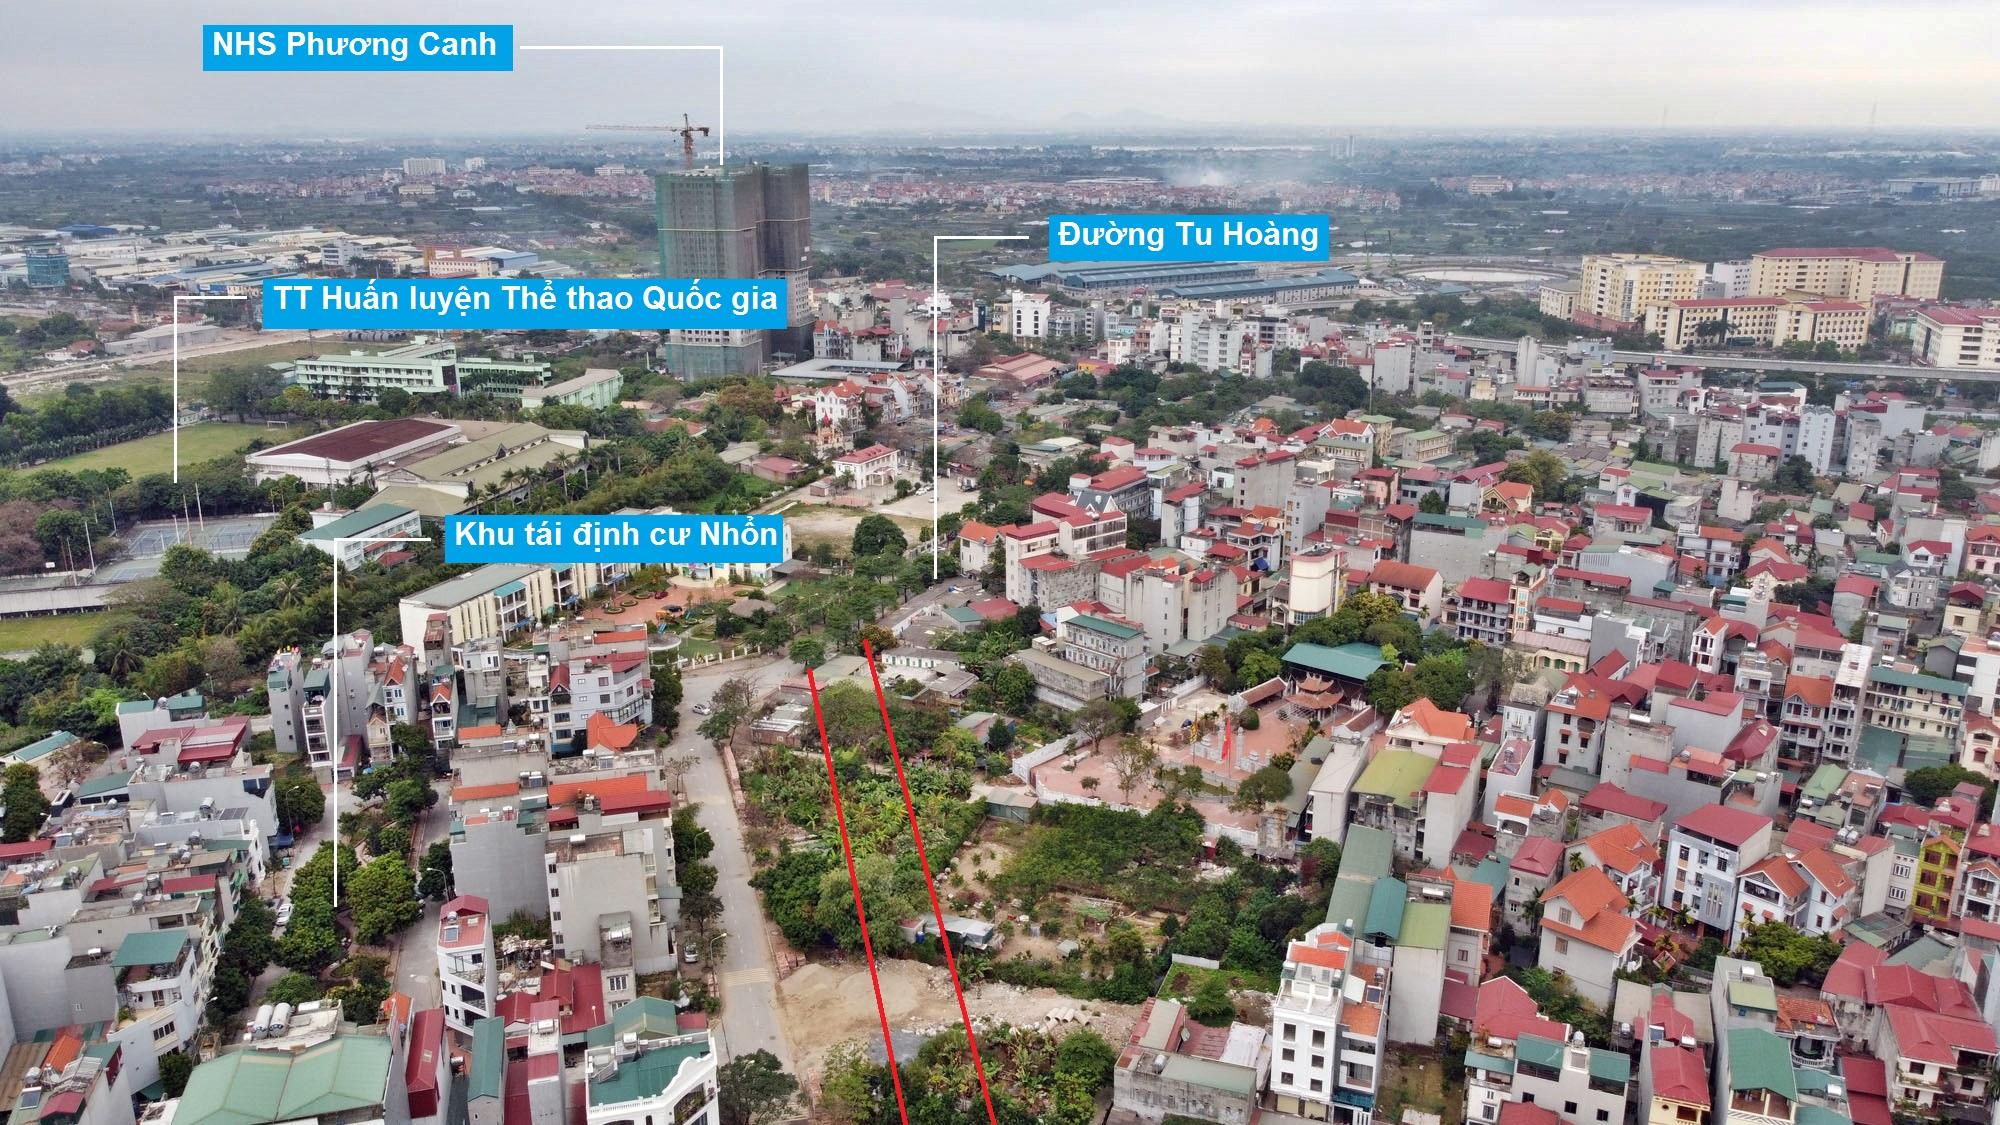 Ba đường sẽ mở theo qui hoạch ở phường Phương Canh, Nam Từ Liêm, Hà Nội (phần 2) - Ảnh 3.